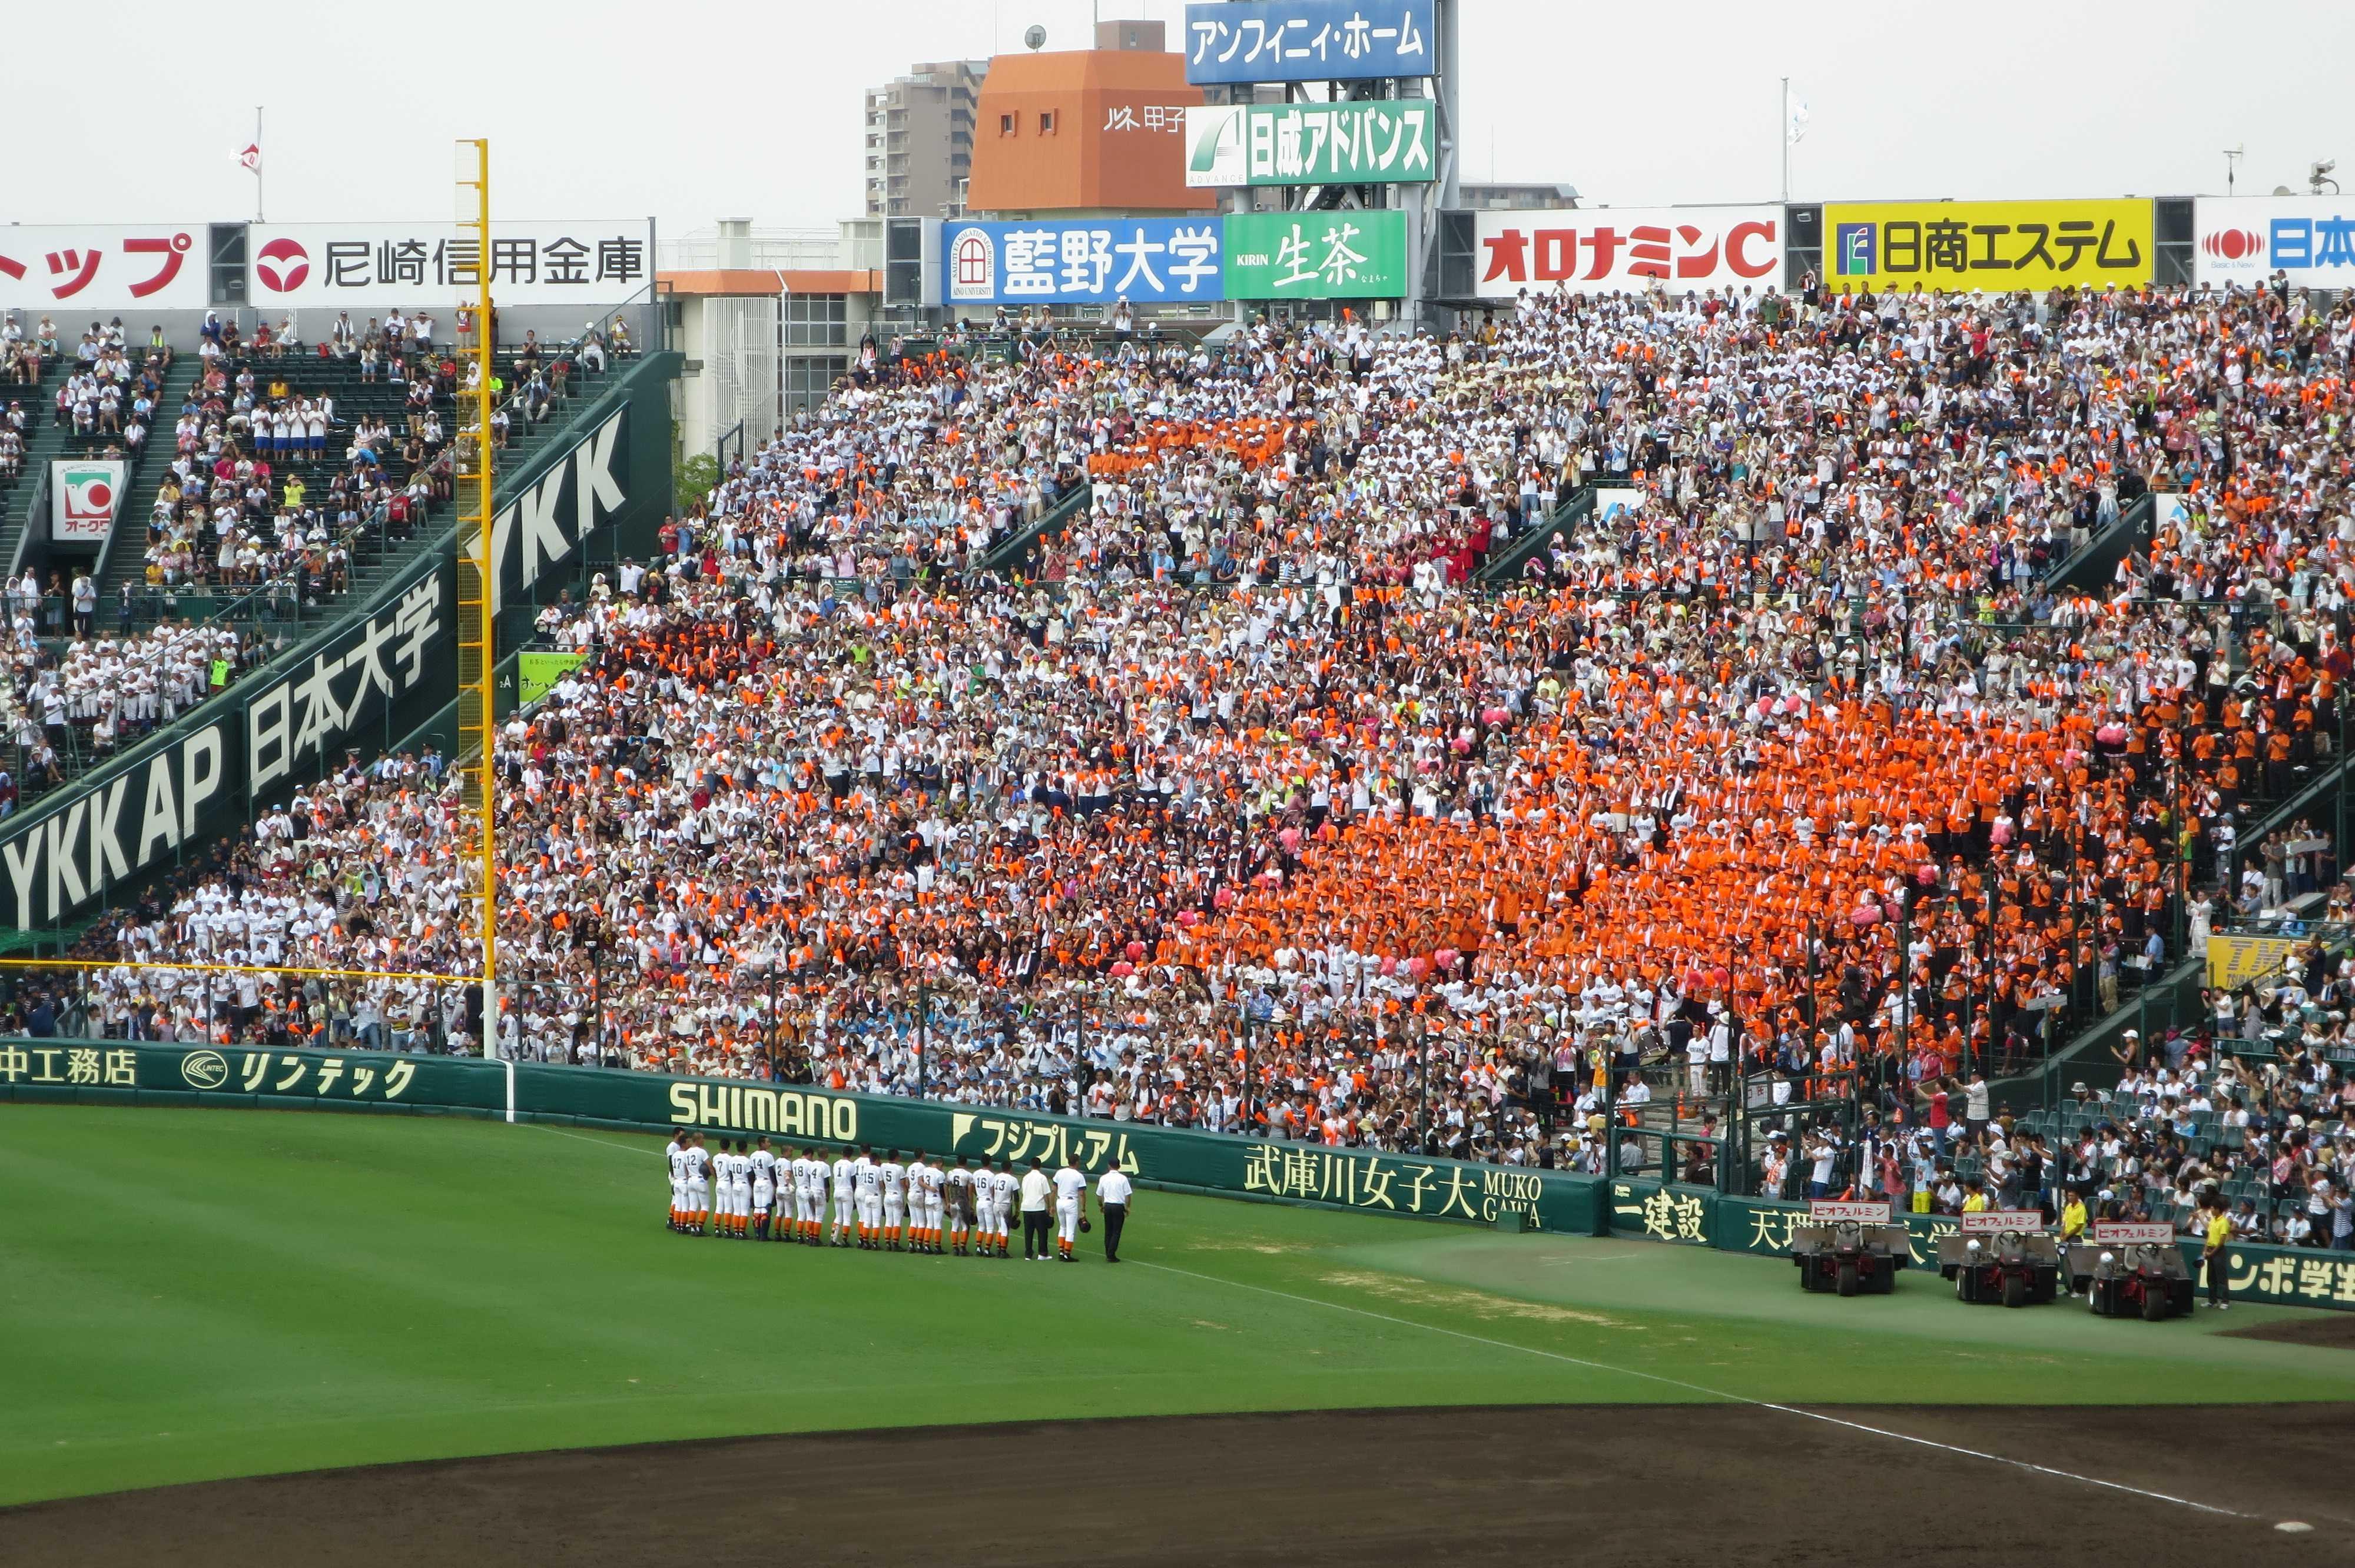 市立尼崎の 1塁側大応援団に対する礼